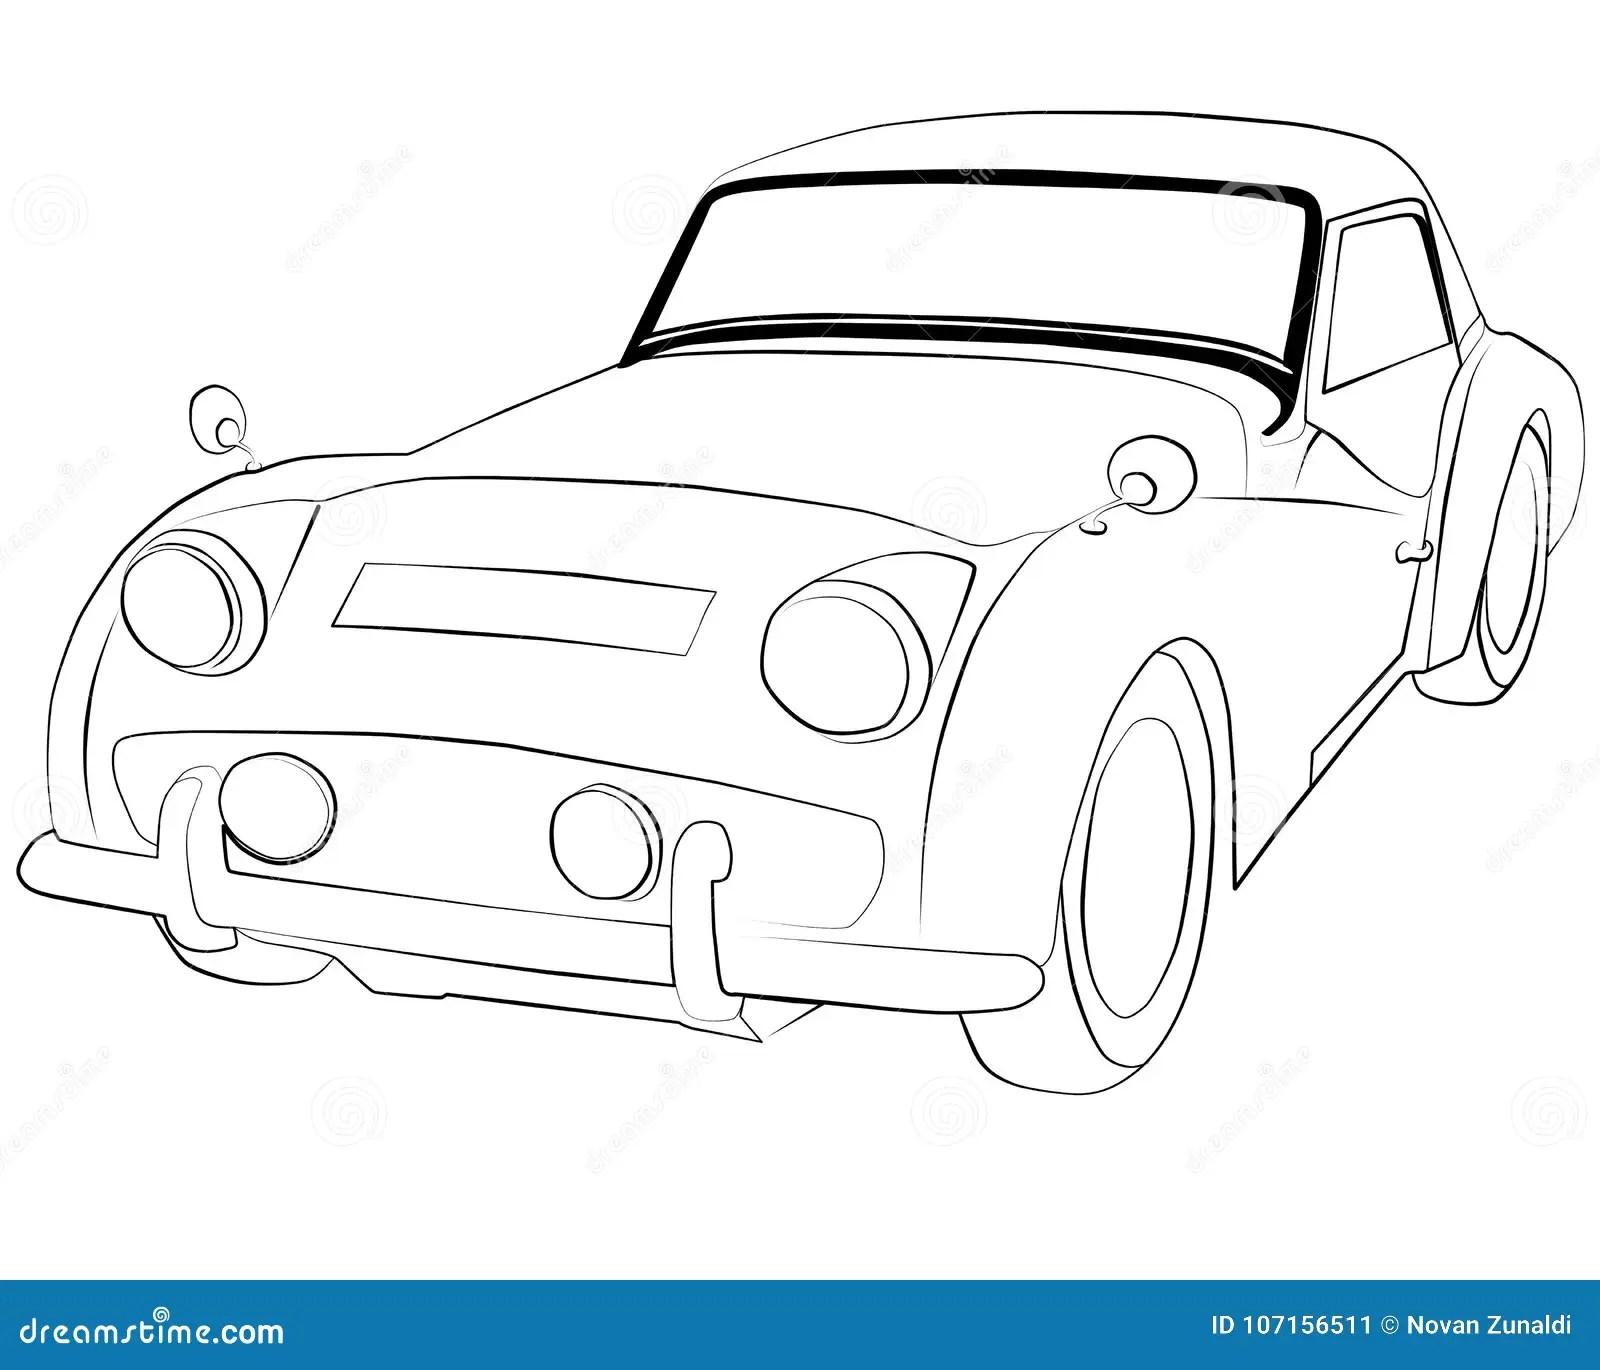 G6 Car